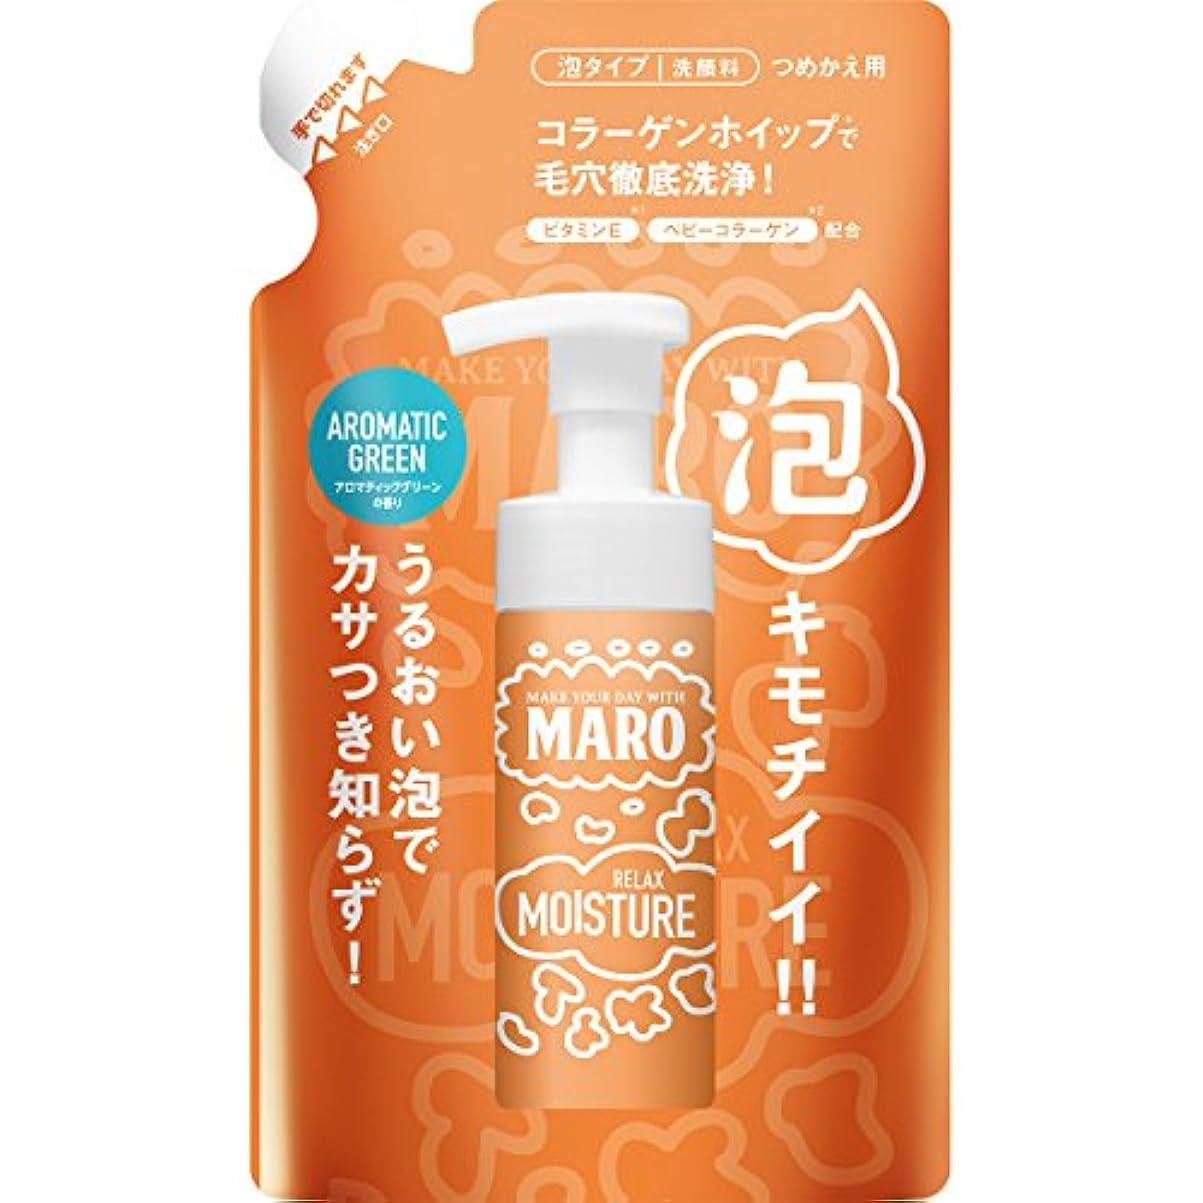 喜劇貪欲単にMARO グルーヴィー 泡洗顔 詰め替え リラックスモイスチャー 130ml